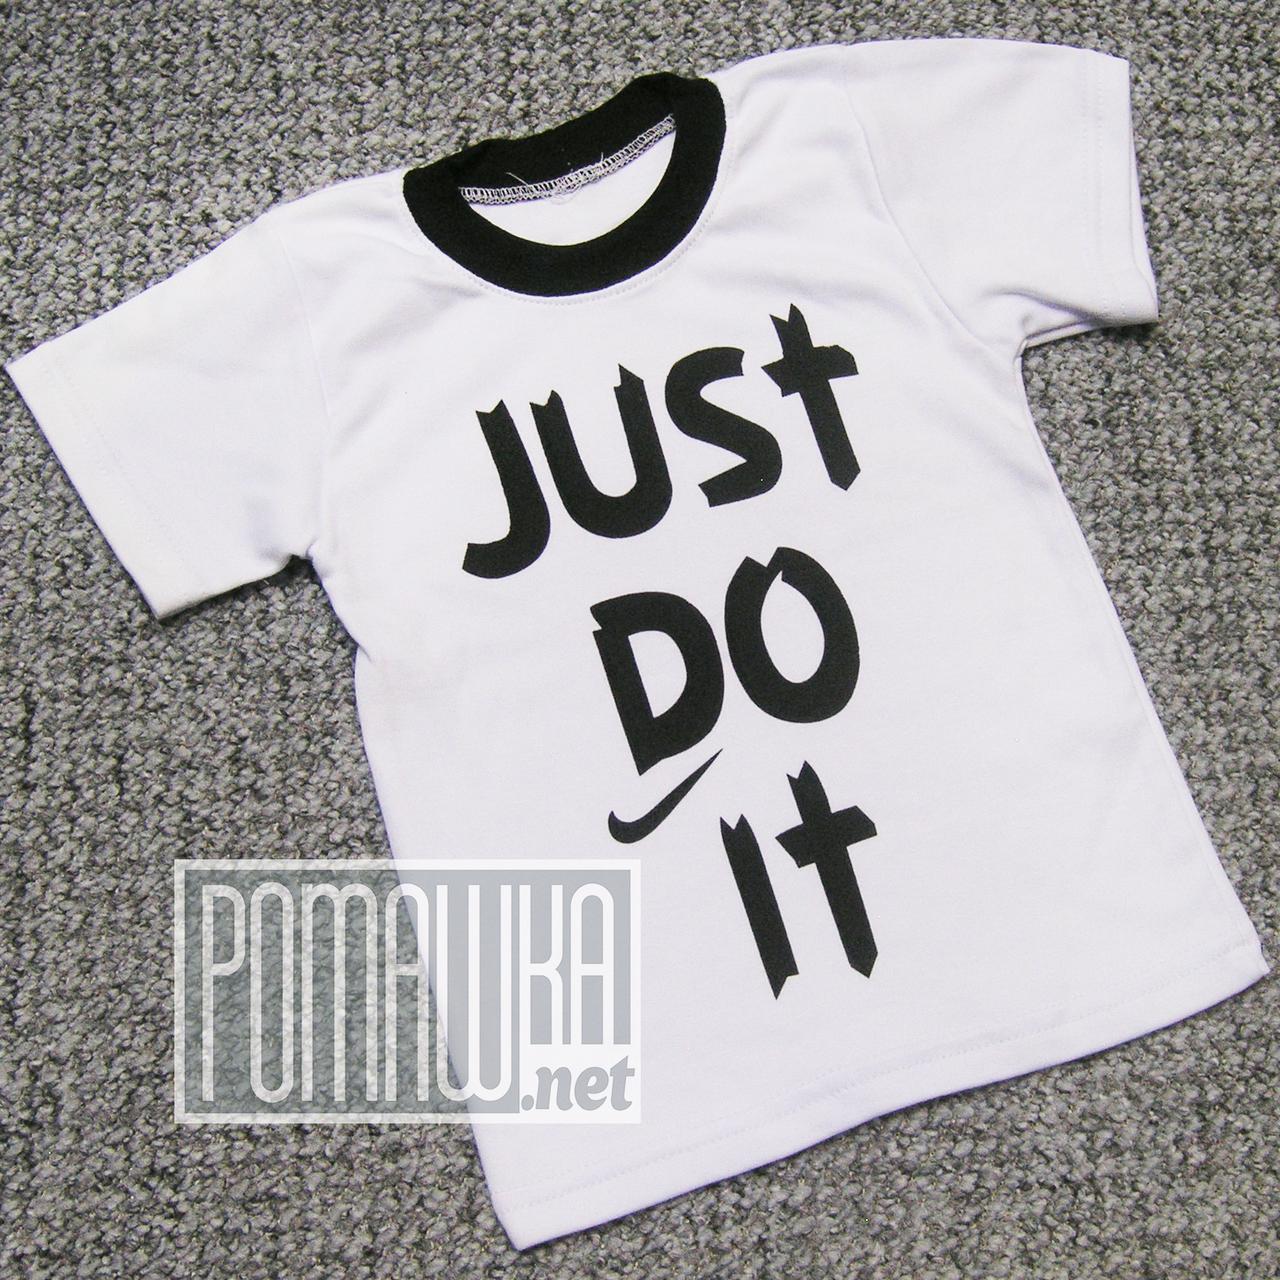 Детская футболка для мальчика р. 104 2-3 года мальчику ткань ИНТЕРЛОК 100% хлопок ТМ Ромашка 3109 Белый